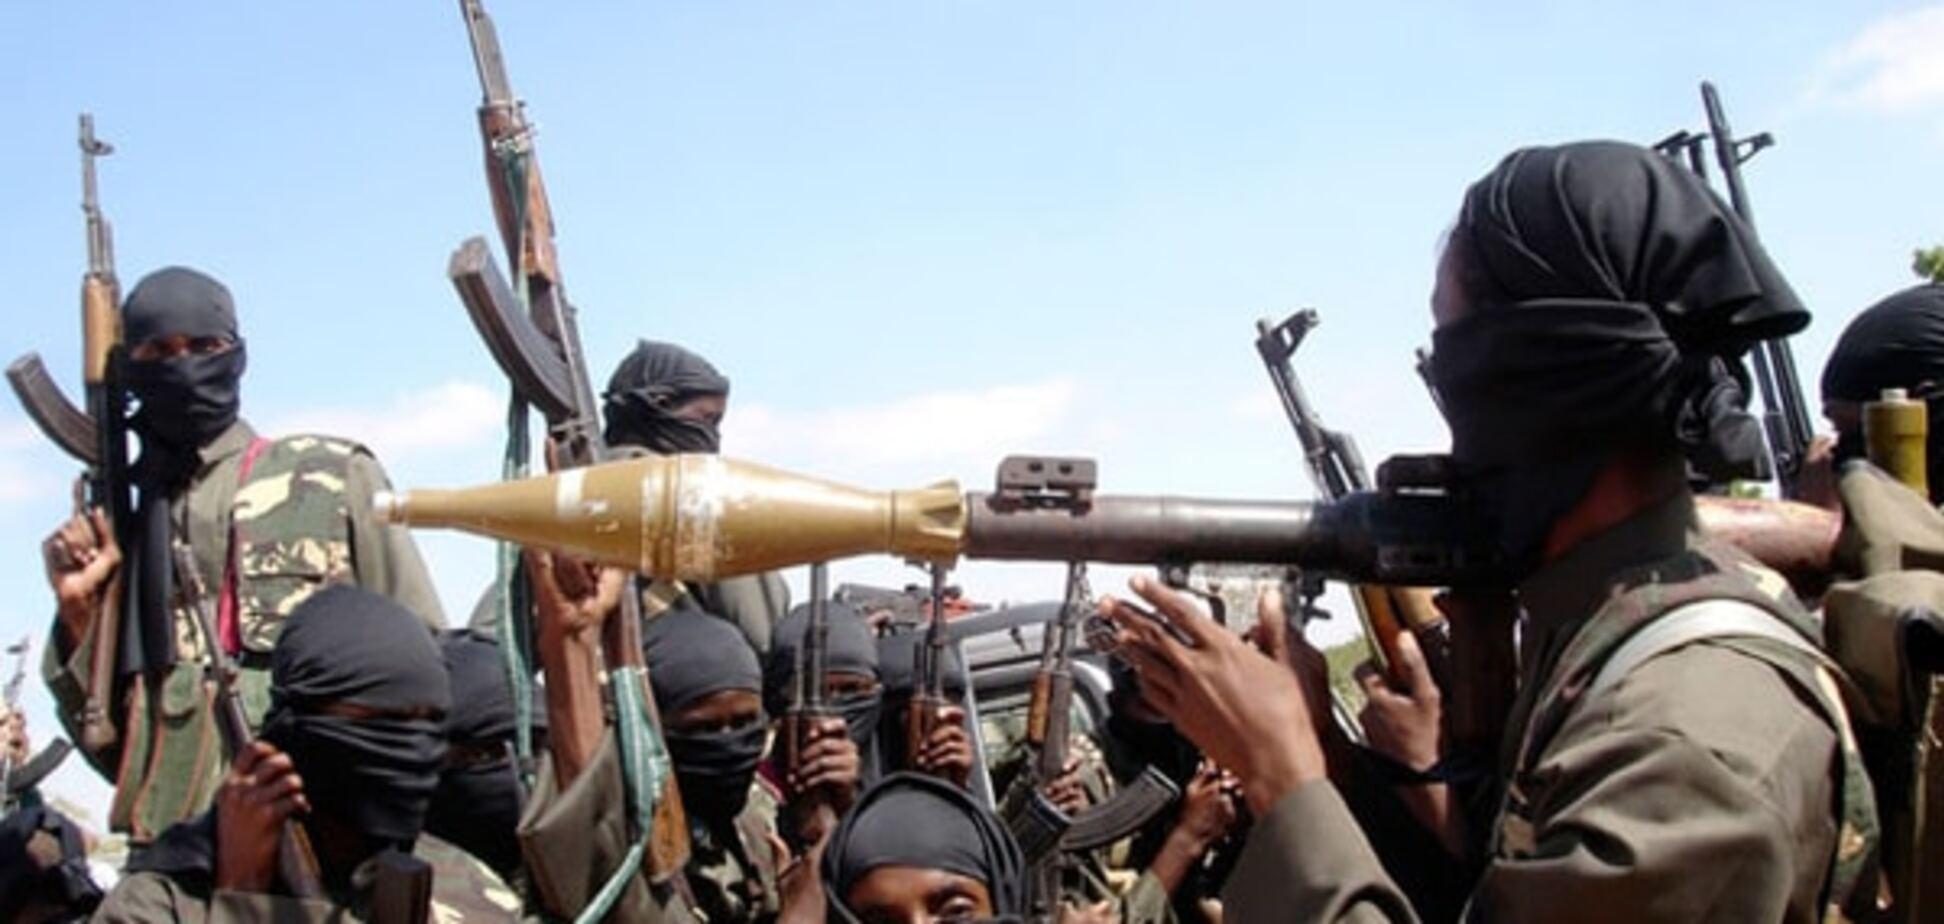 Прихильники 'Аль-Каїди' взяли на себе відповідальність за теракт у Малі